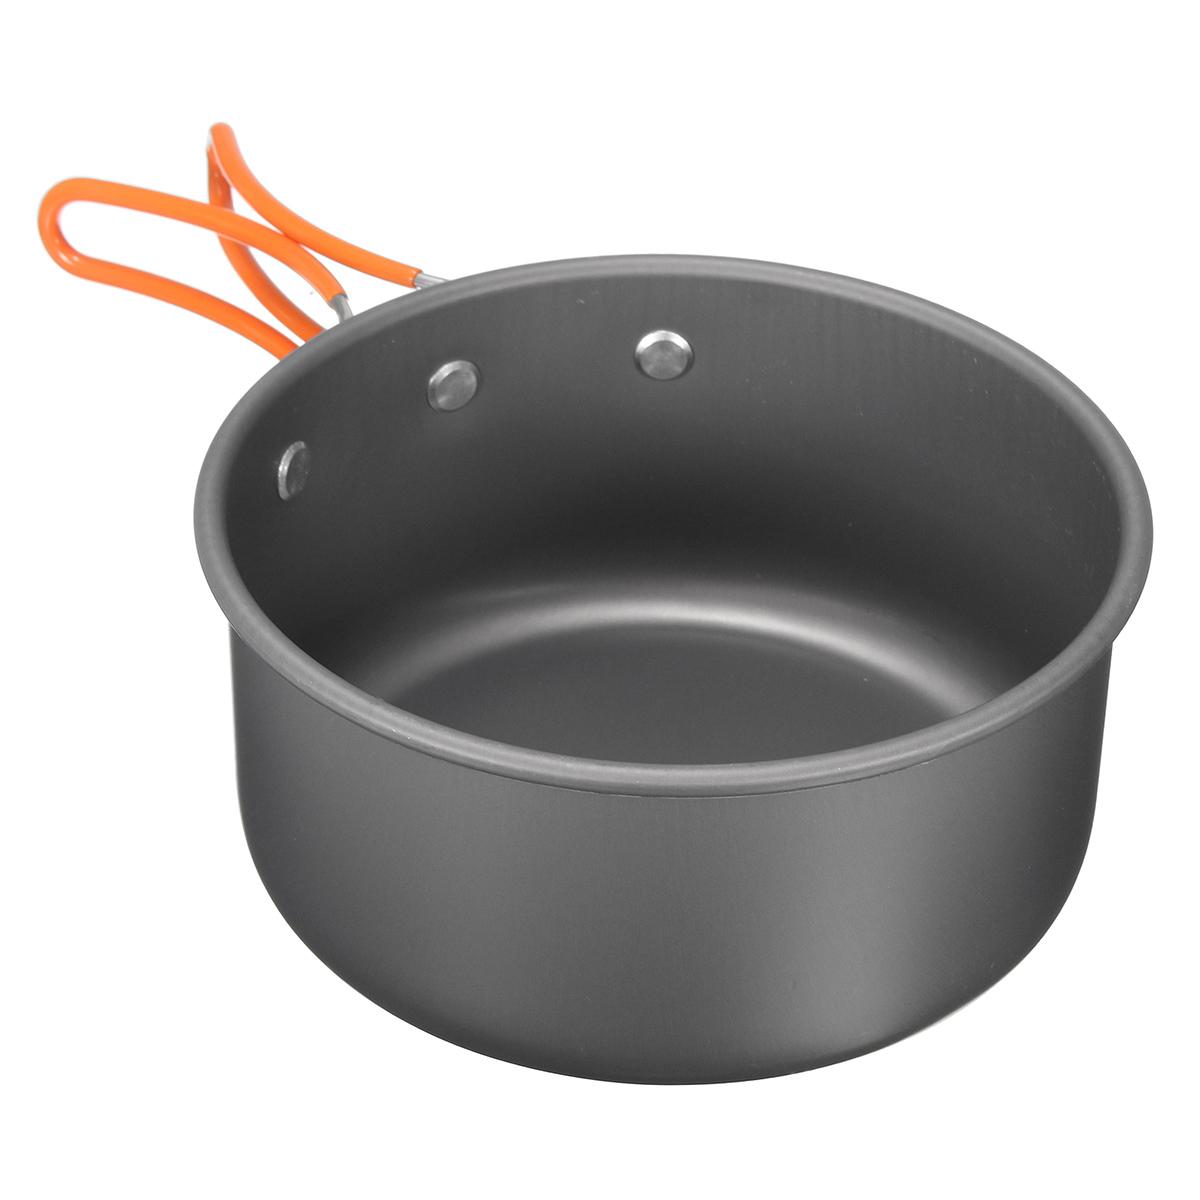 8pcs Camping Aluminum Pot Bowl Portable Outdoor Picnic